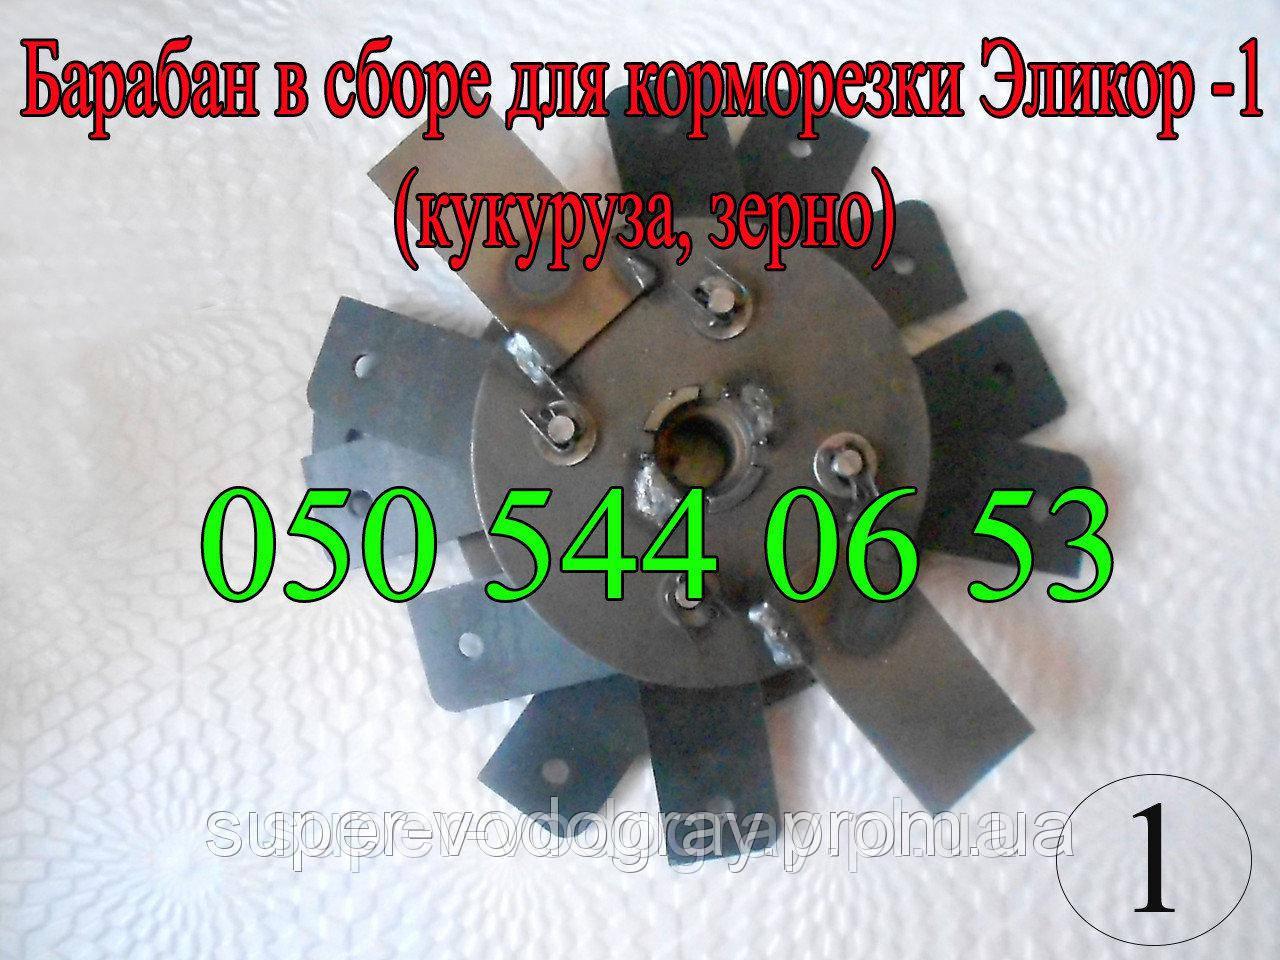 Барабан (ротор) для зернодробарки Эликор - 3 (кукурудза, зерно)